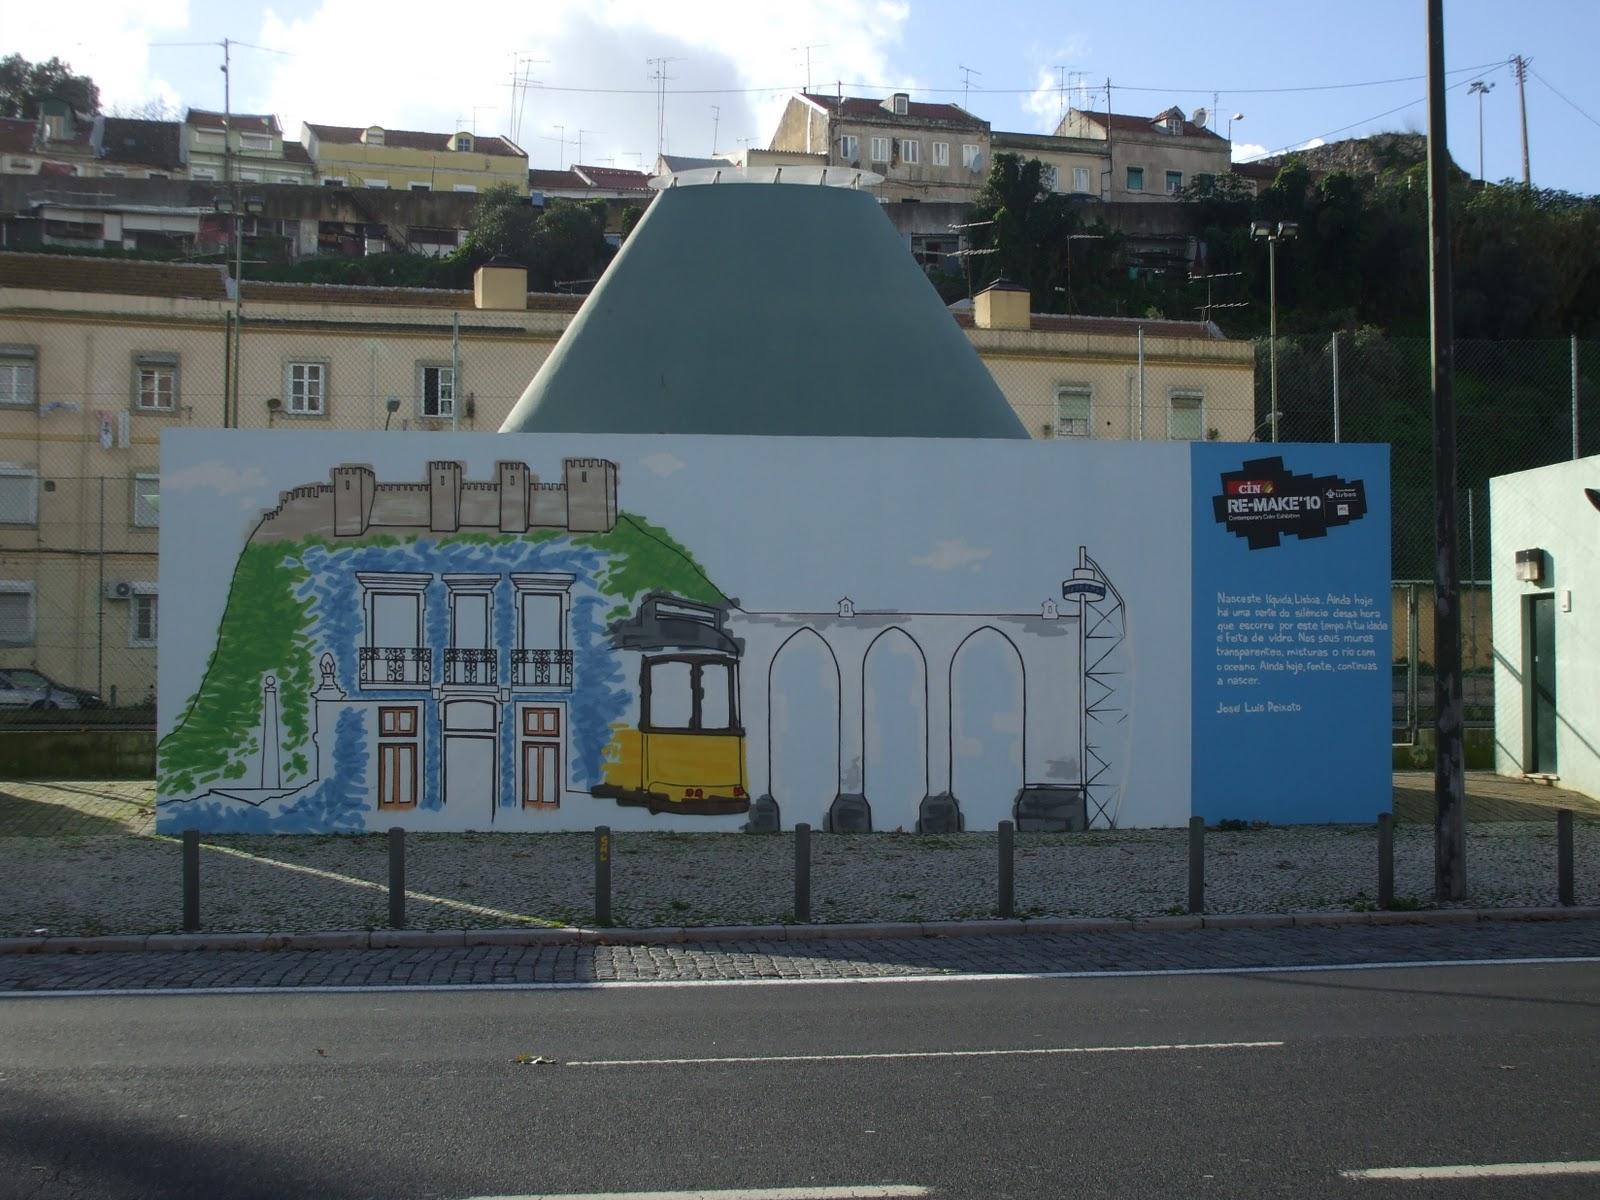 banco de jardim poesia:RIA DA MINHA ALDEIA: José Luís Peixoto: poemas nos muros de Lisboa